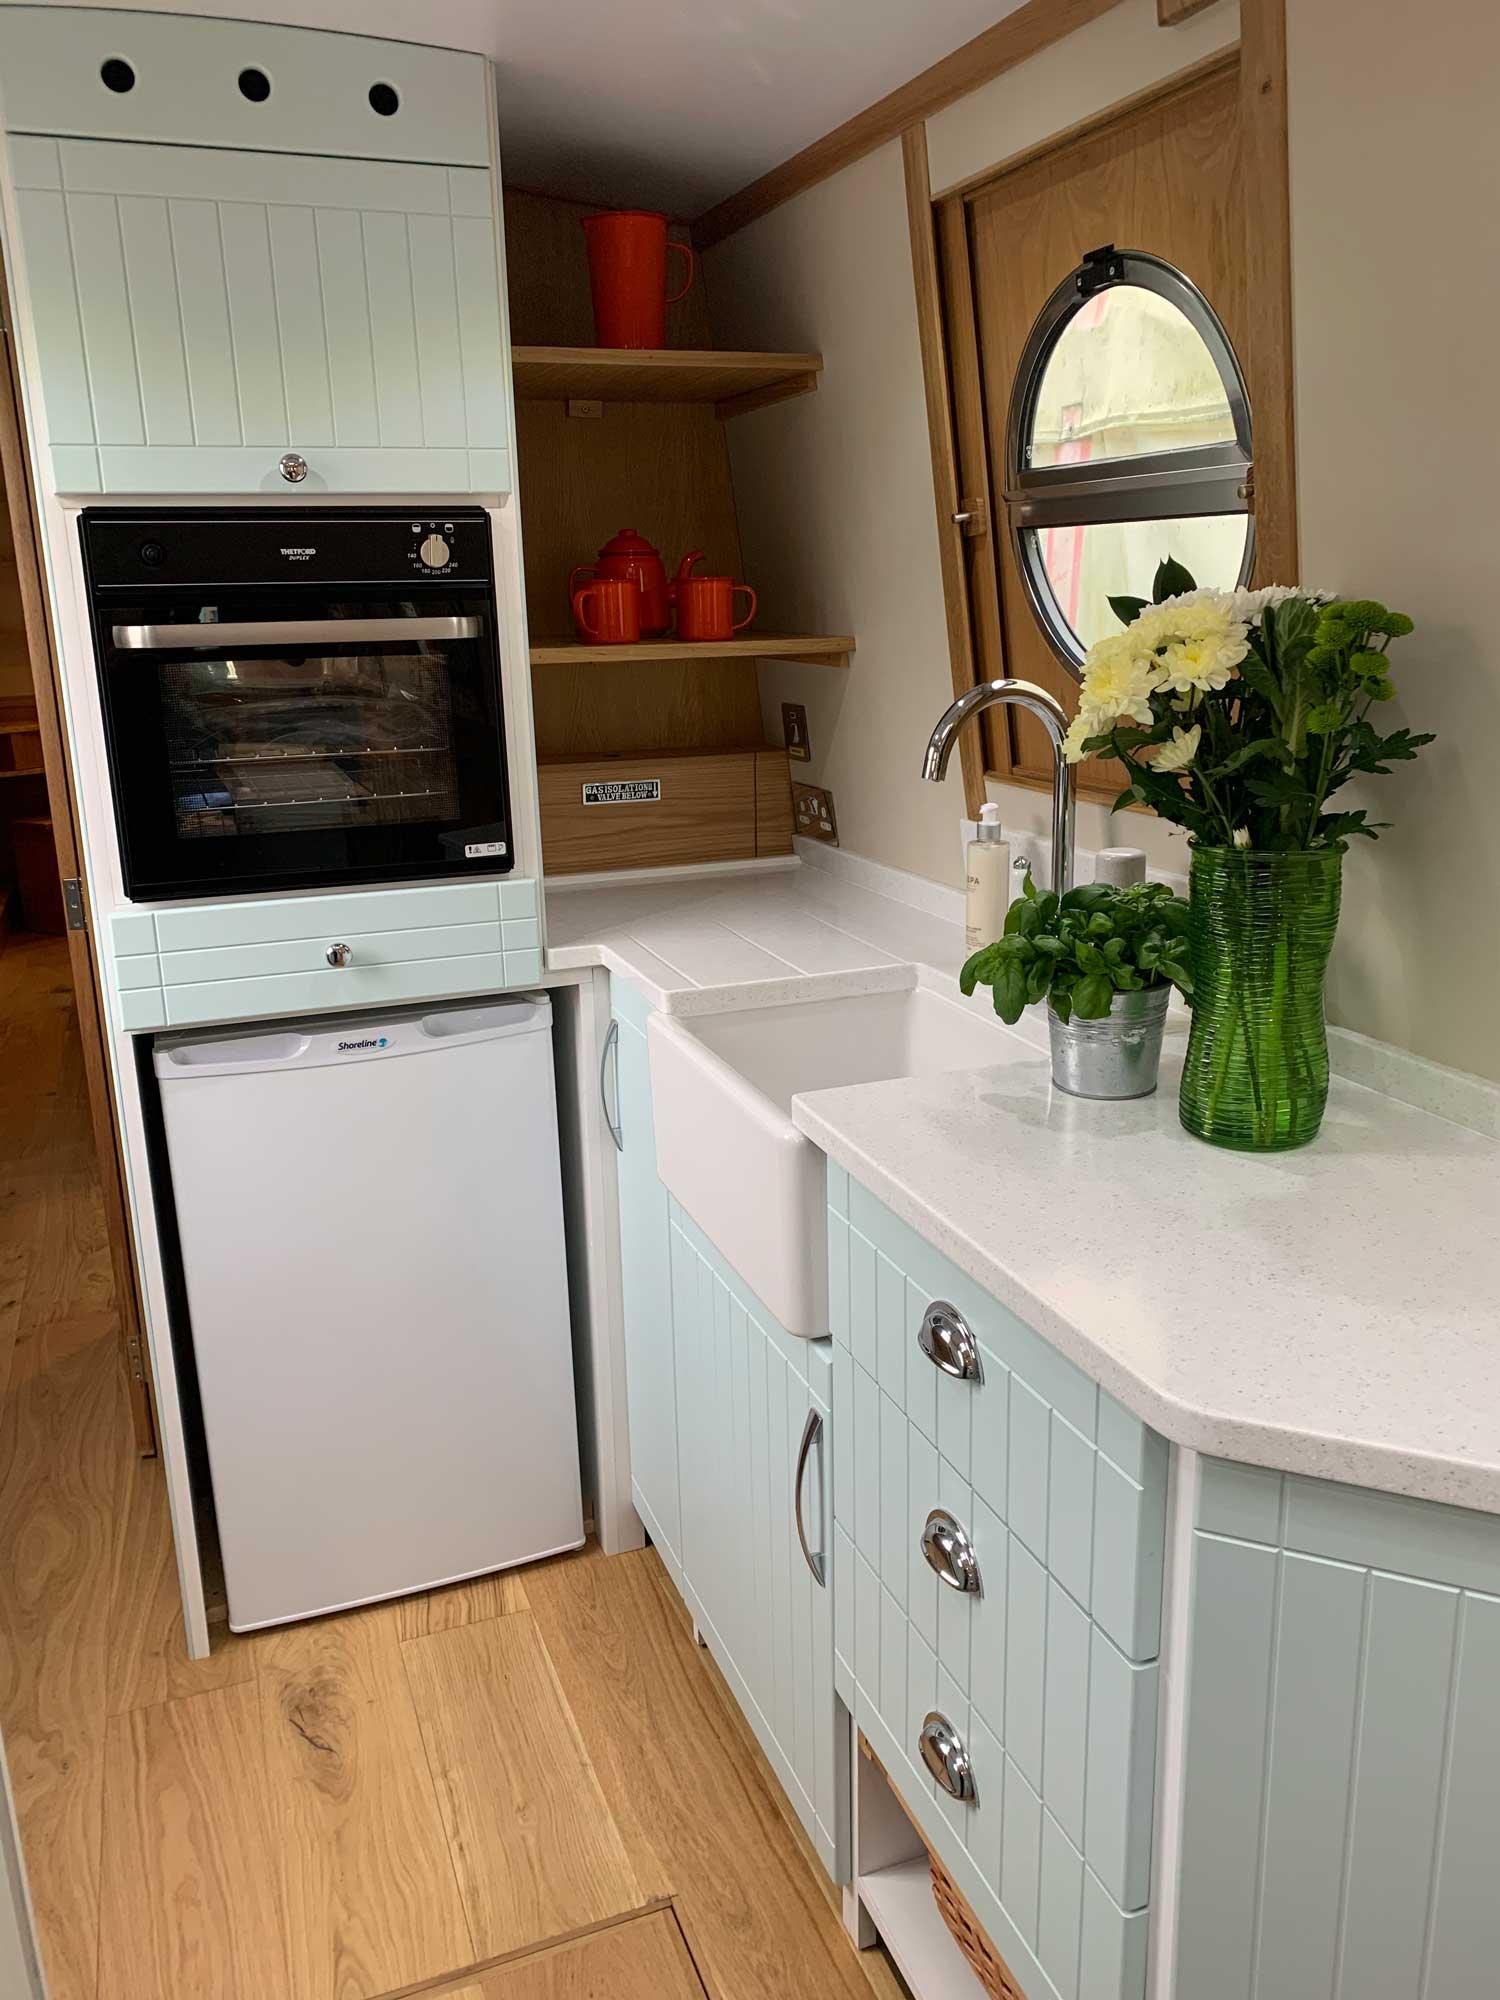 Kitchen-Oven-and-Fridge